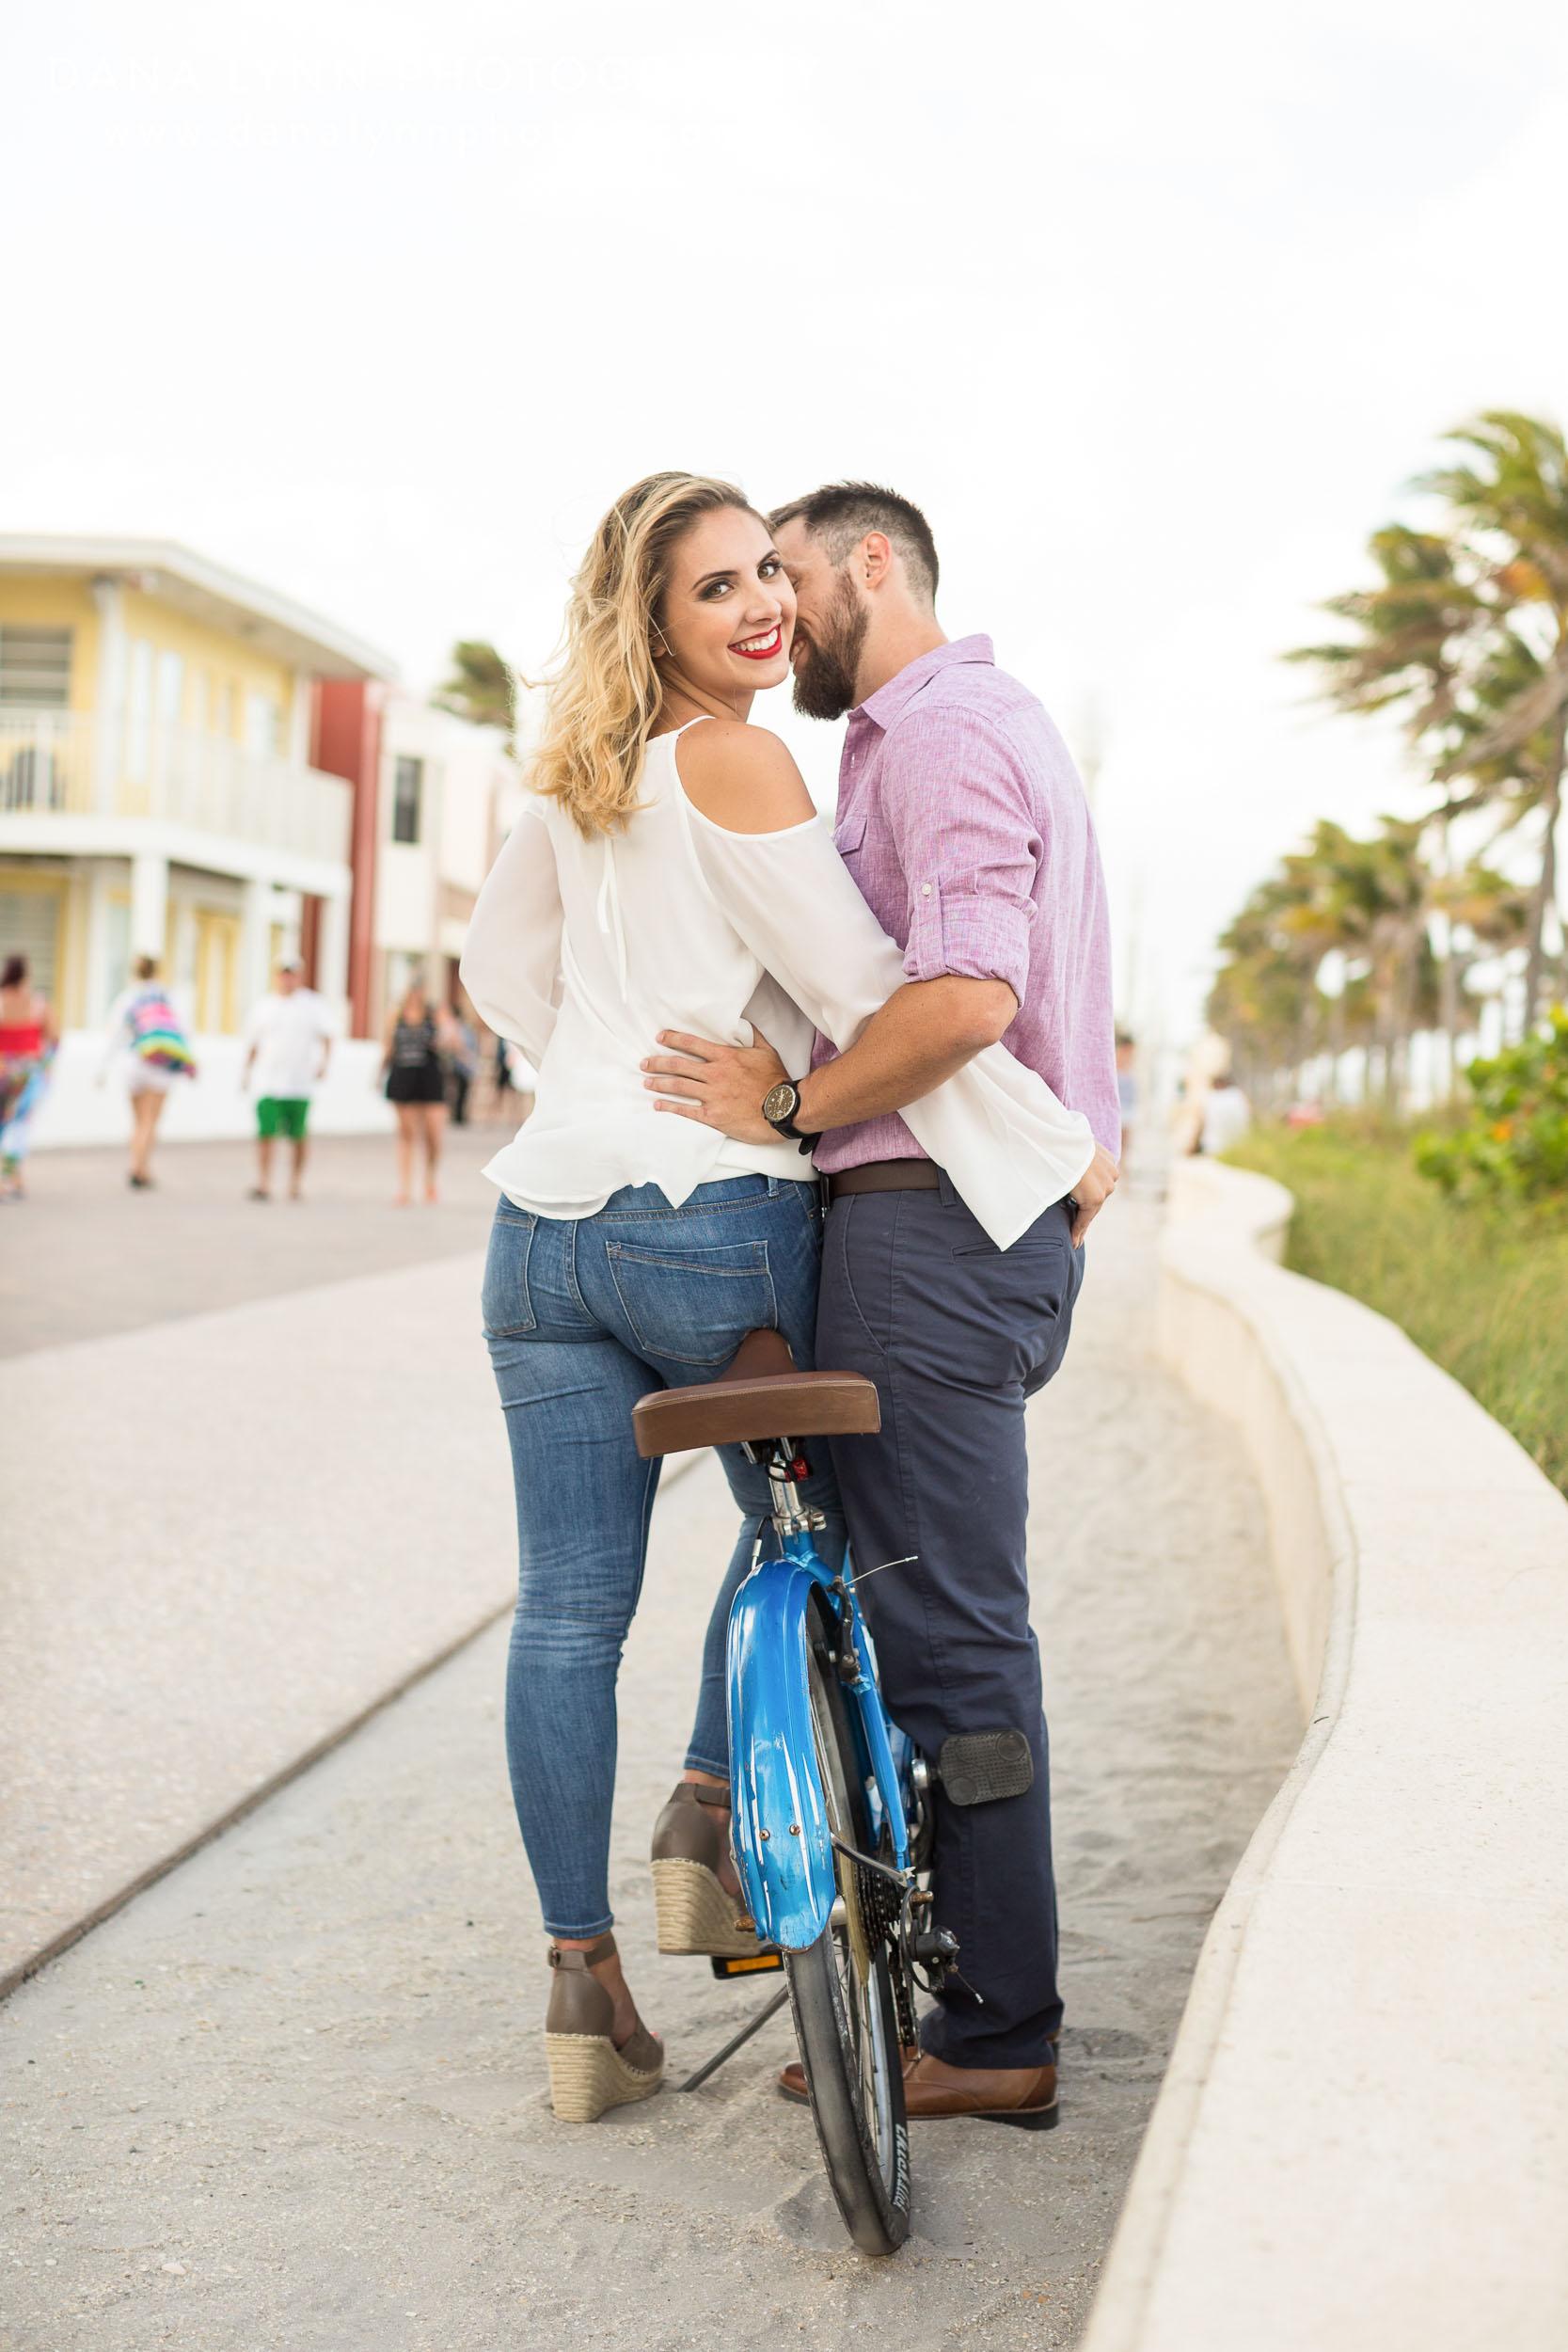 Leanna & Kyler | Hollywood Beach